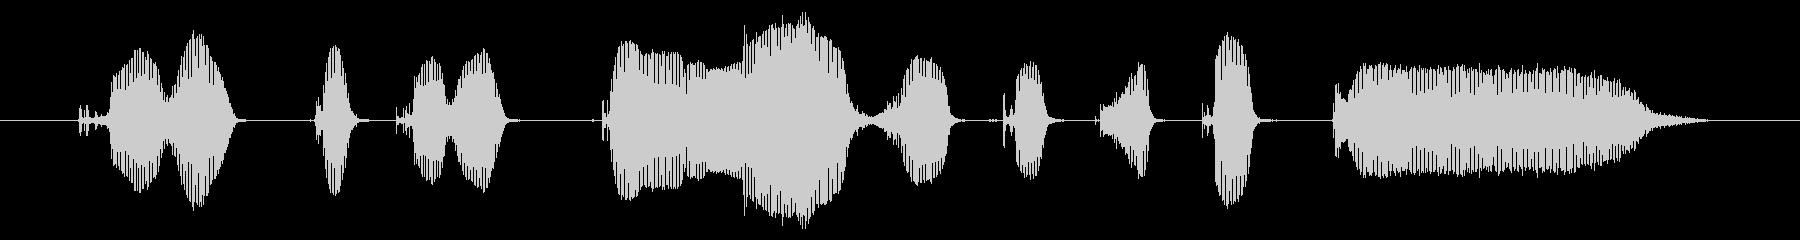 クリッククリック、マウスカチカチ~。の未再生の波形